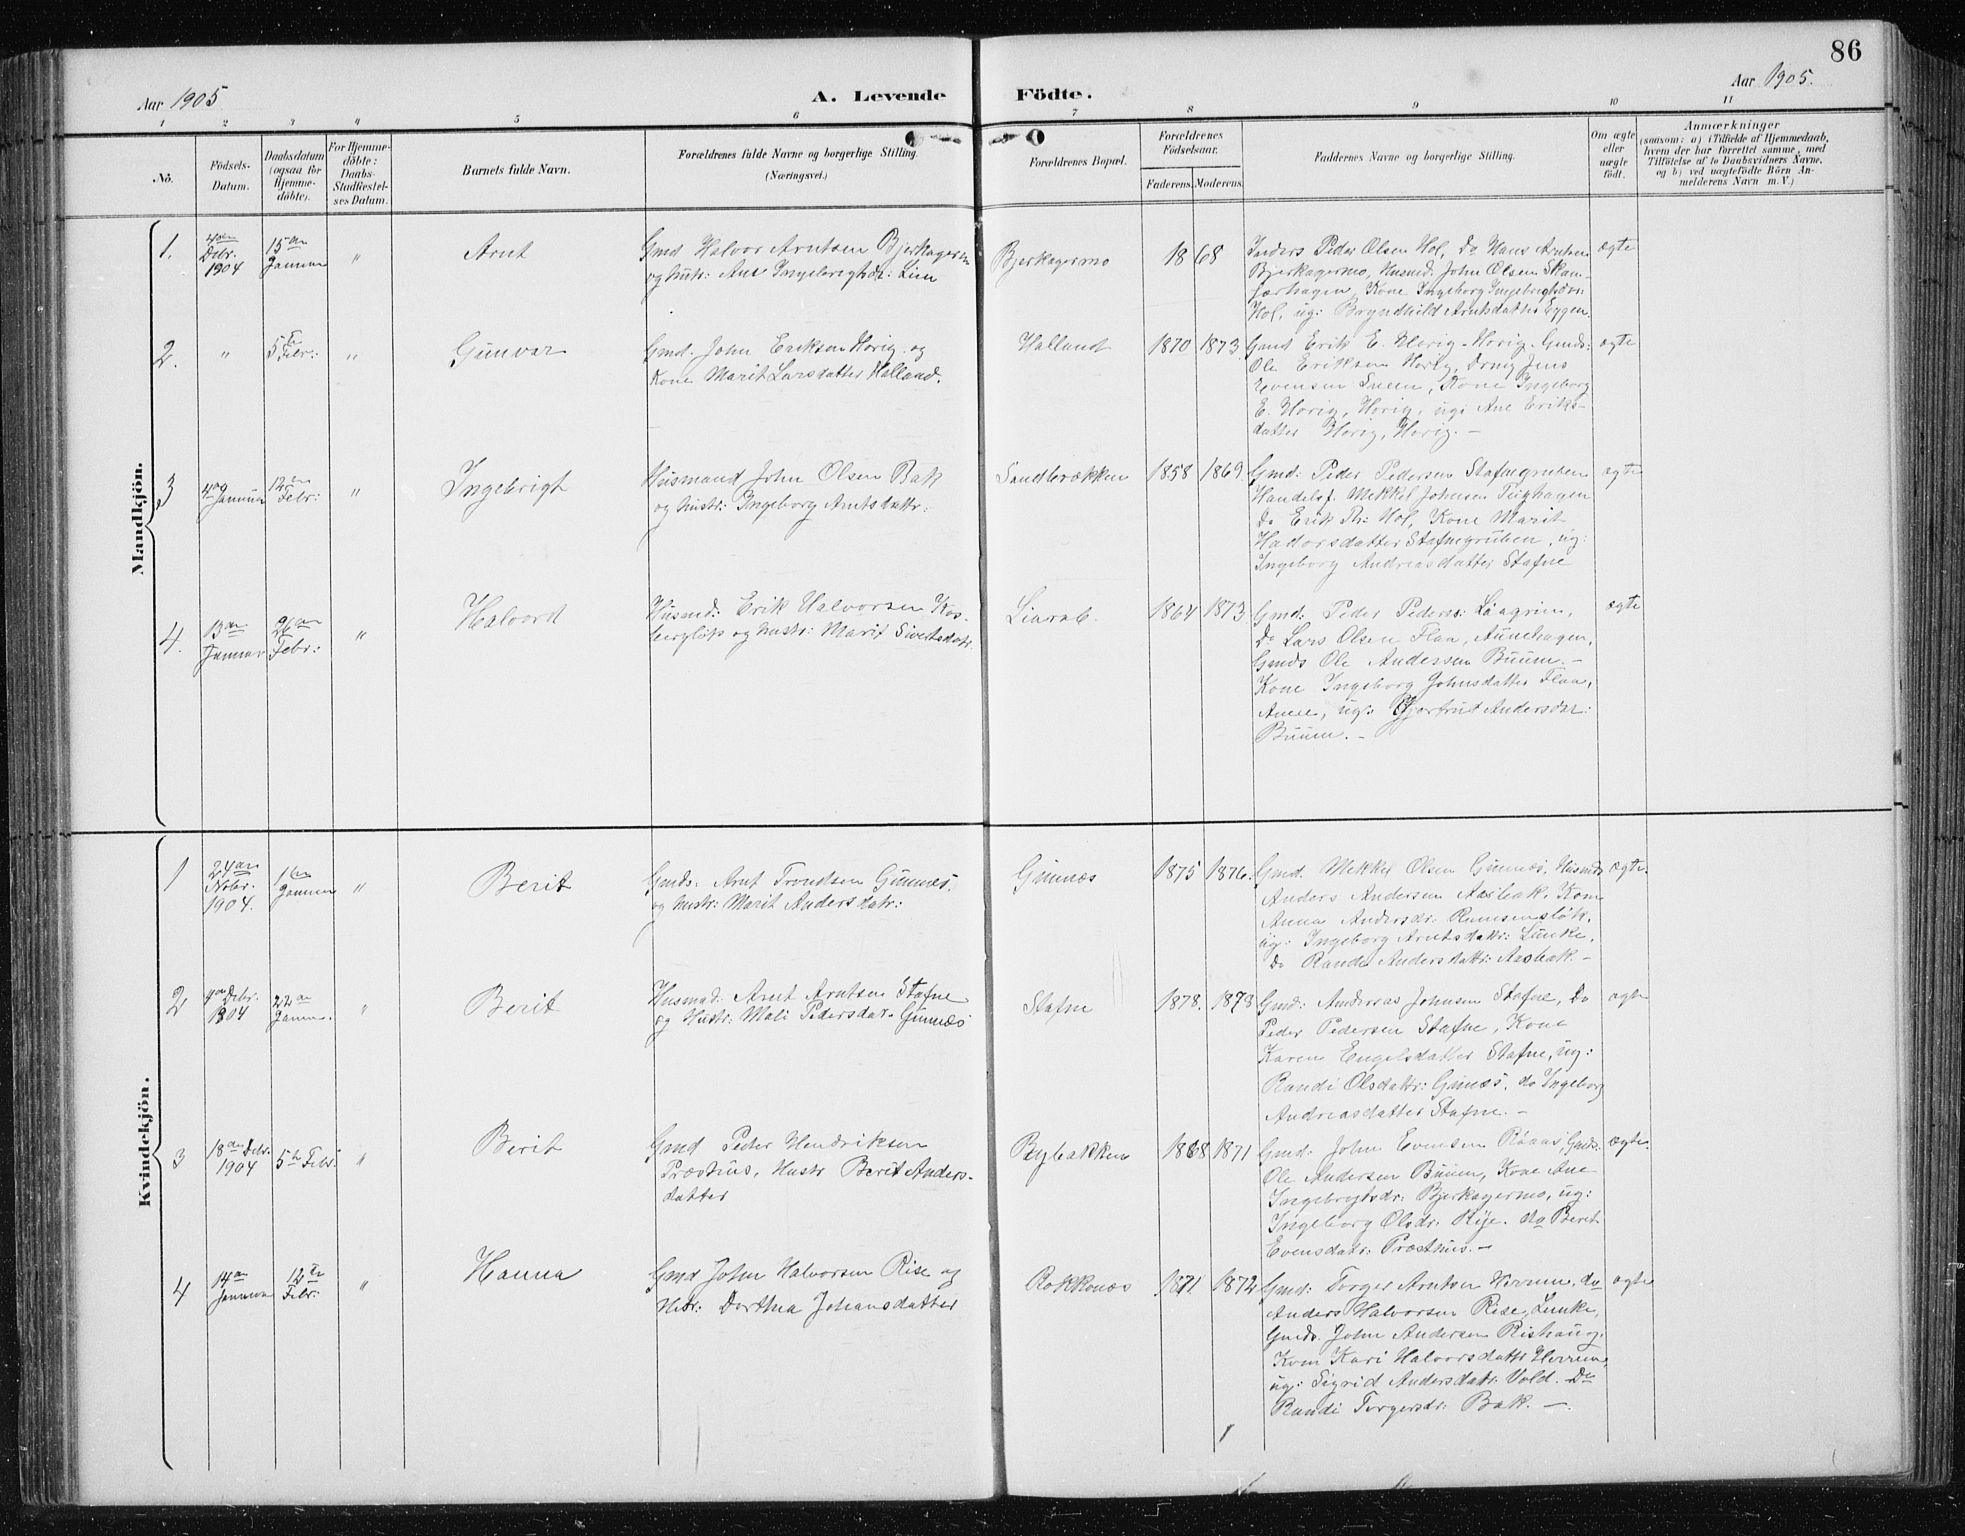 SAT, Ministerialprotokoller, klokkerbøker og fødselsregistre - Sør-Trøndelag, 674/L0876: Klokkerbok nr. 674C03, 1892-1912, s. 86